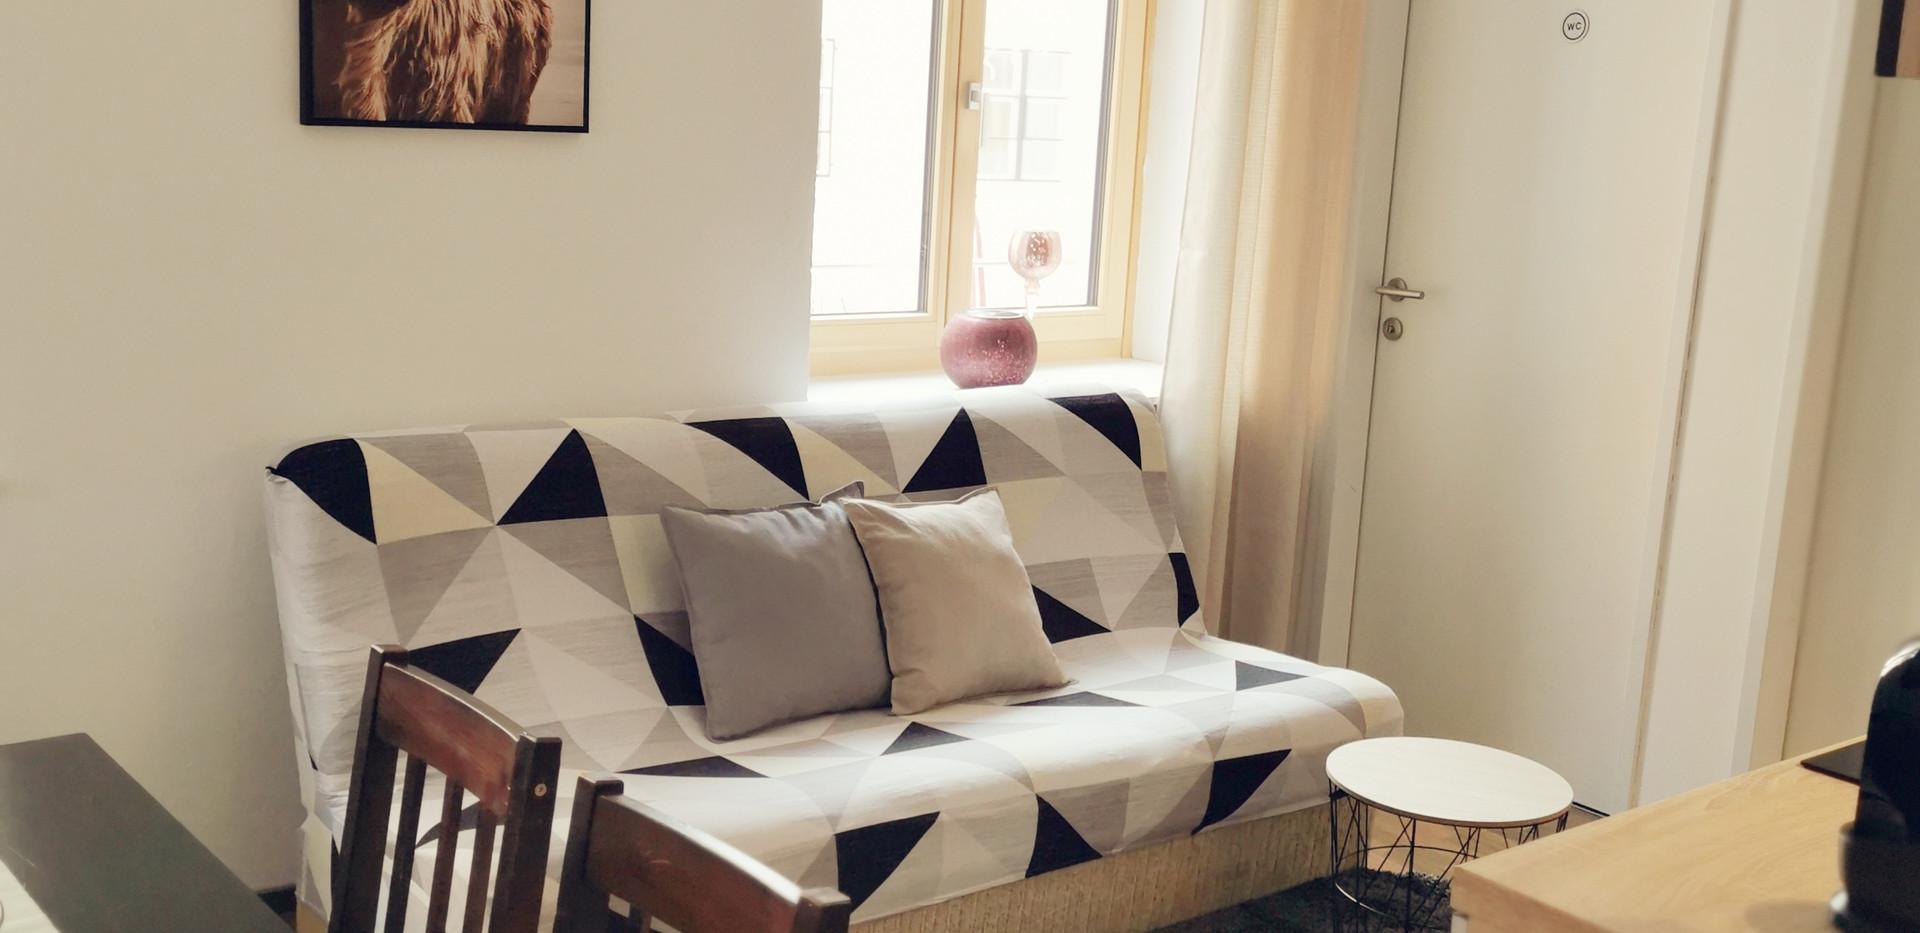 Küche/Sitzecke.jpg